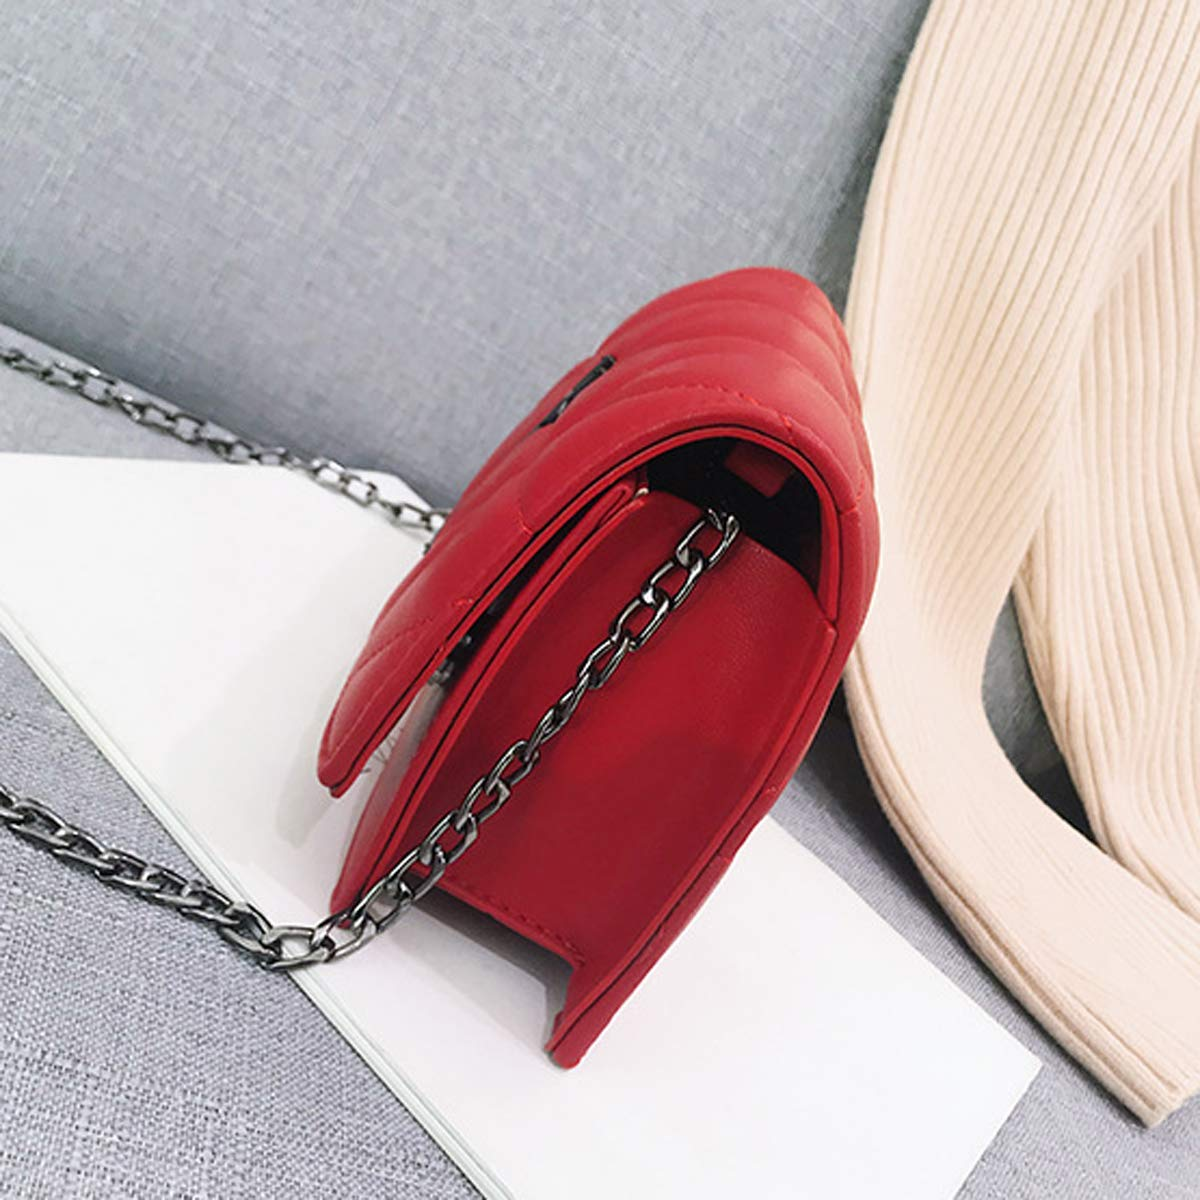 Tasche weiblich Europa und die Vereinigten Staaten neue feste Farbe Yang Shulin Stickerei Linie kleine quadratische Tasche Super Feuer M/ädchen Mode wild Messenger Bag Rosa, 20 * 14 * 7cm